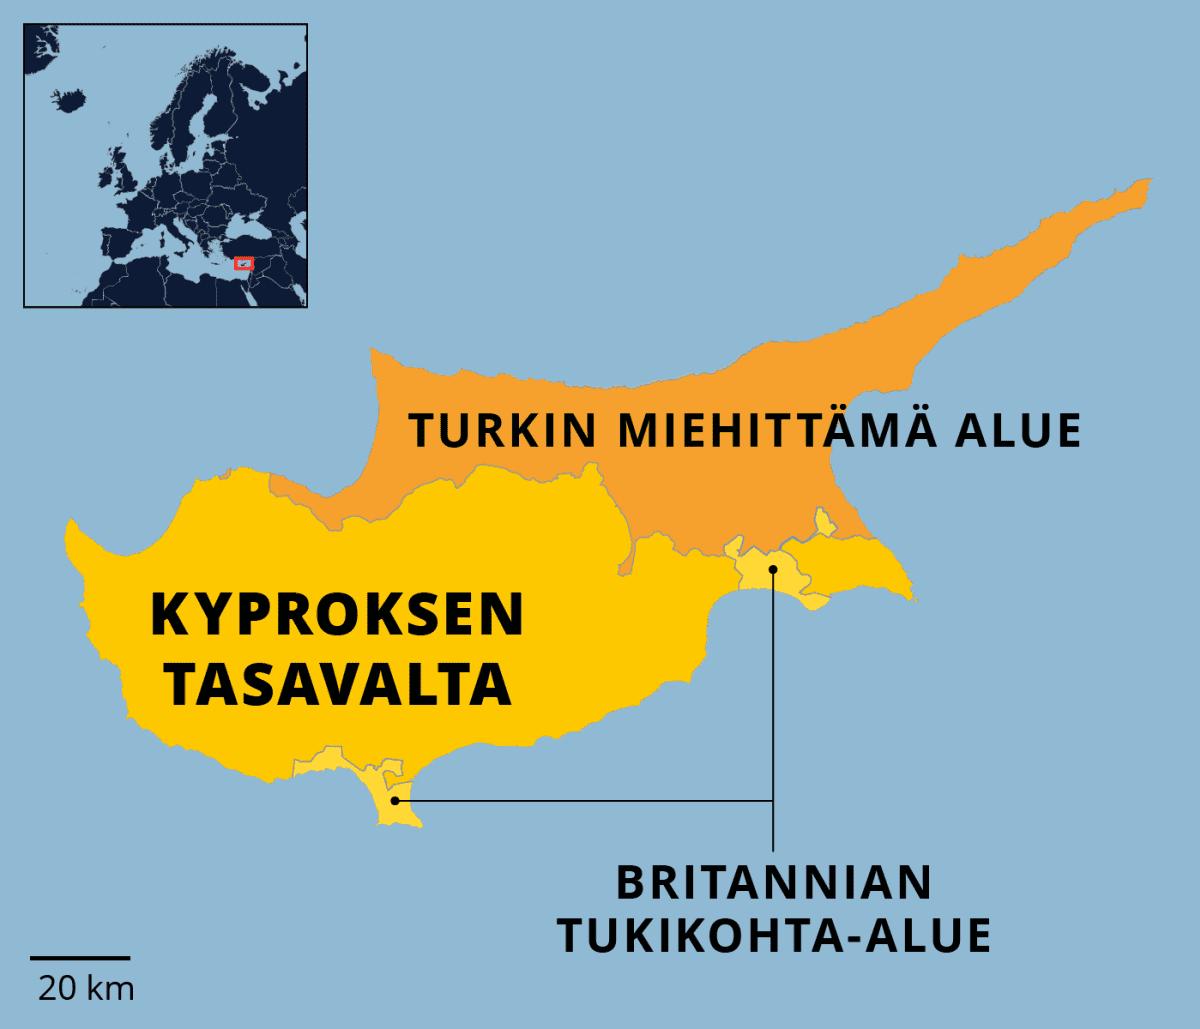 Kartta Kyroksen jaetuista alueista.